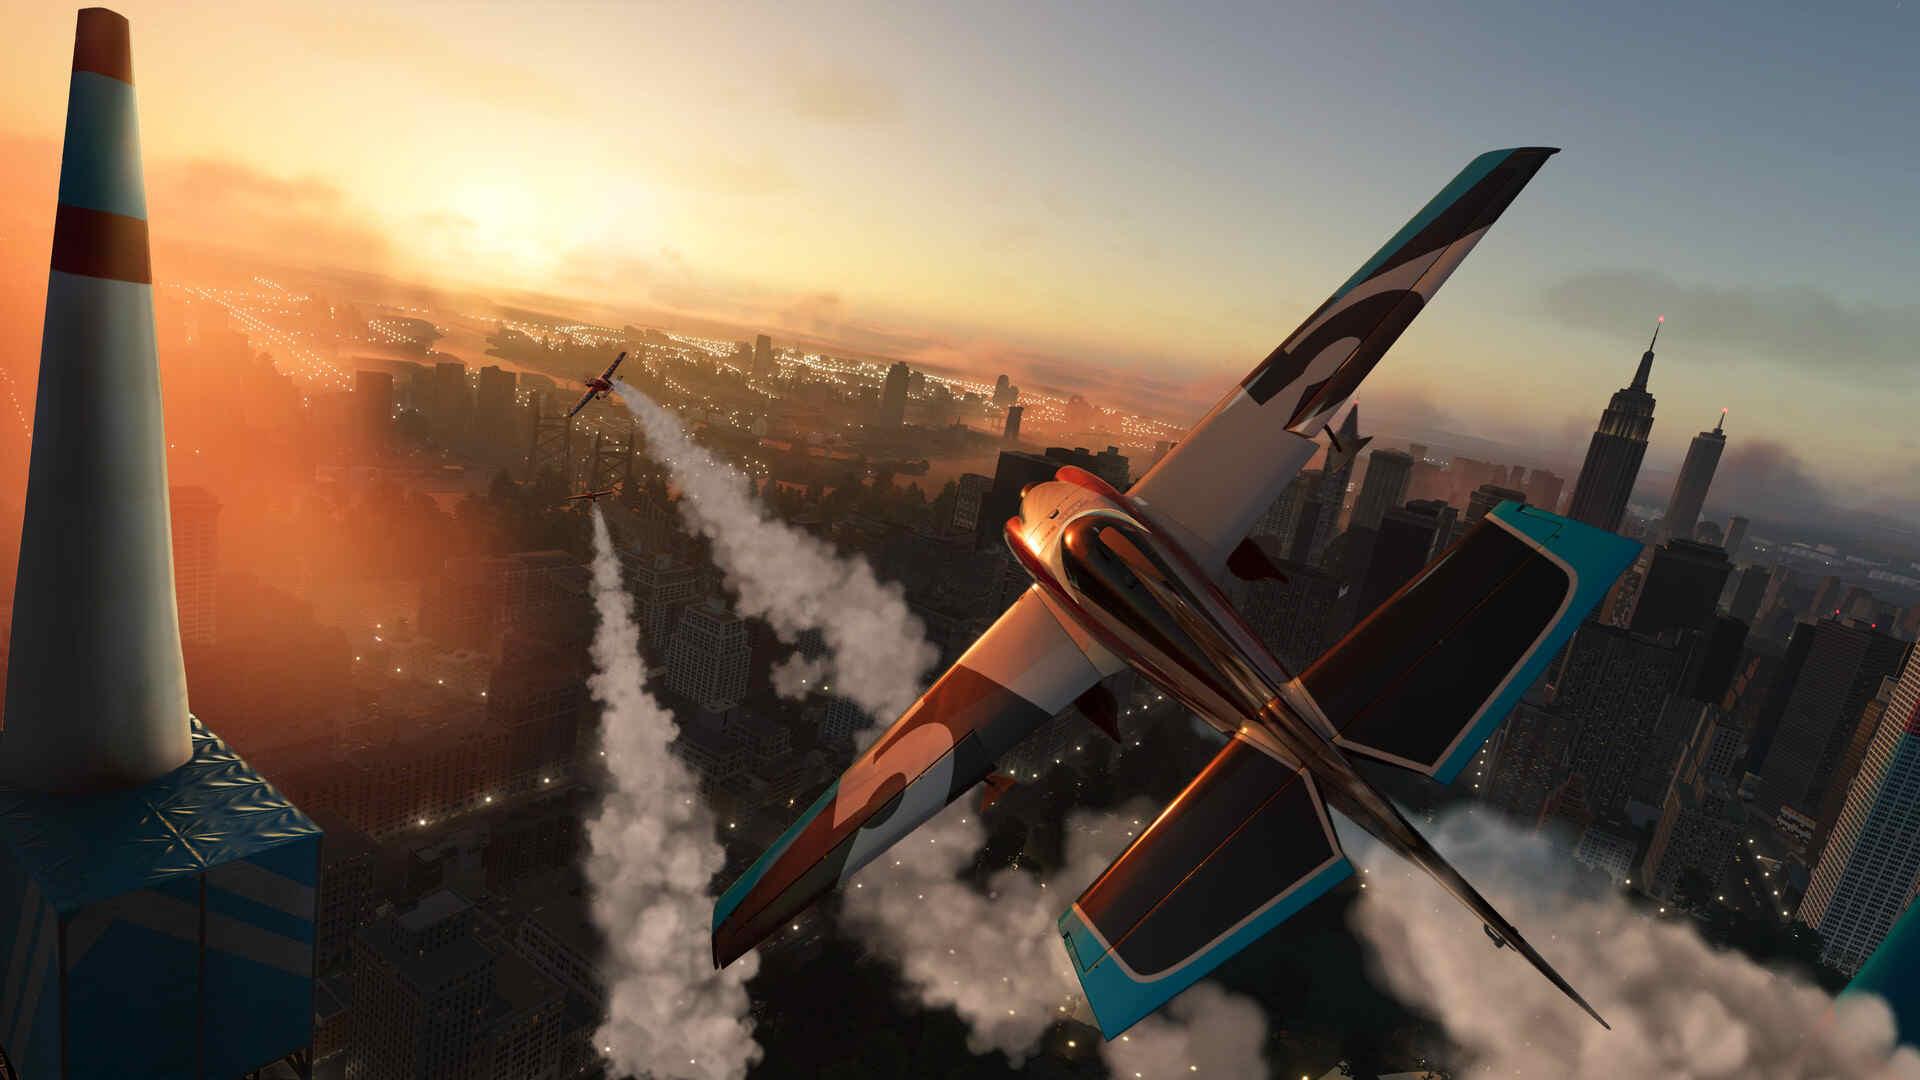 The Crew 2 Planes flight